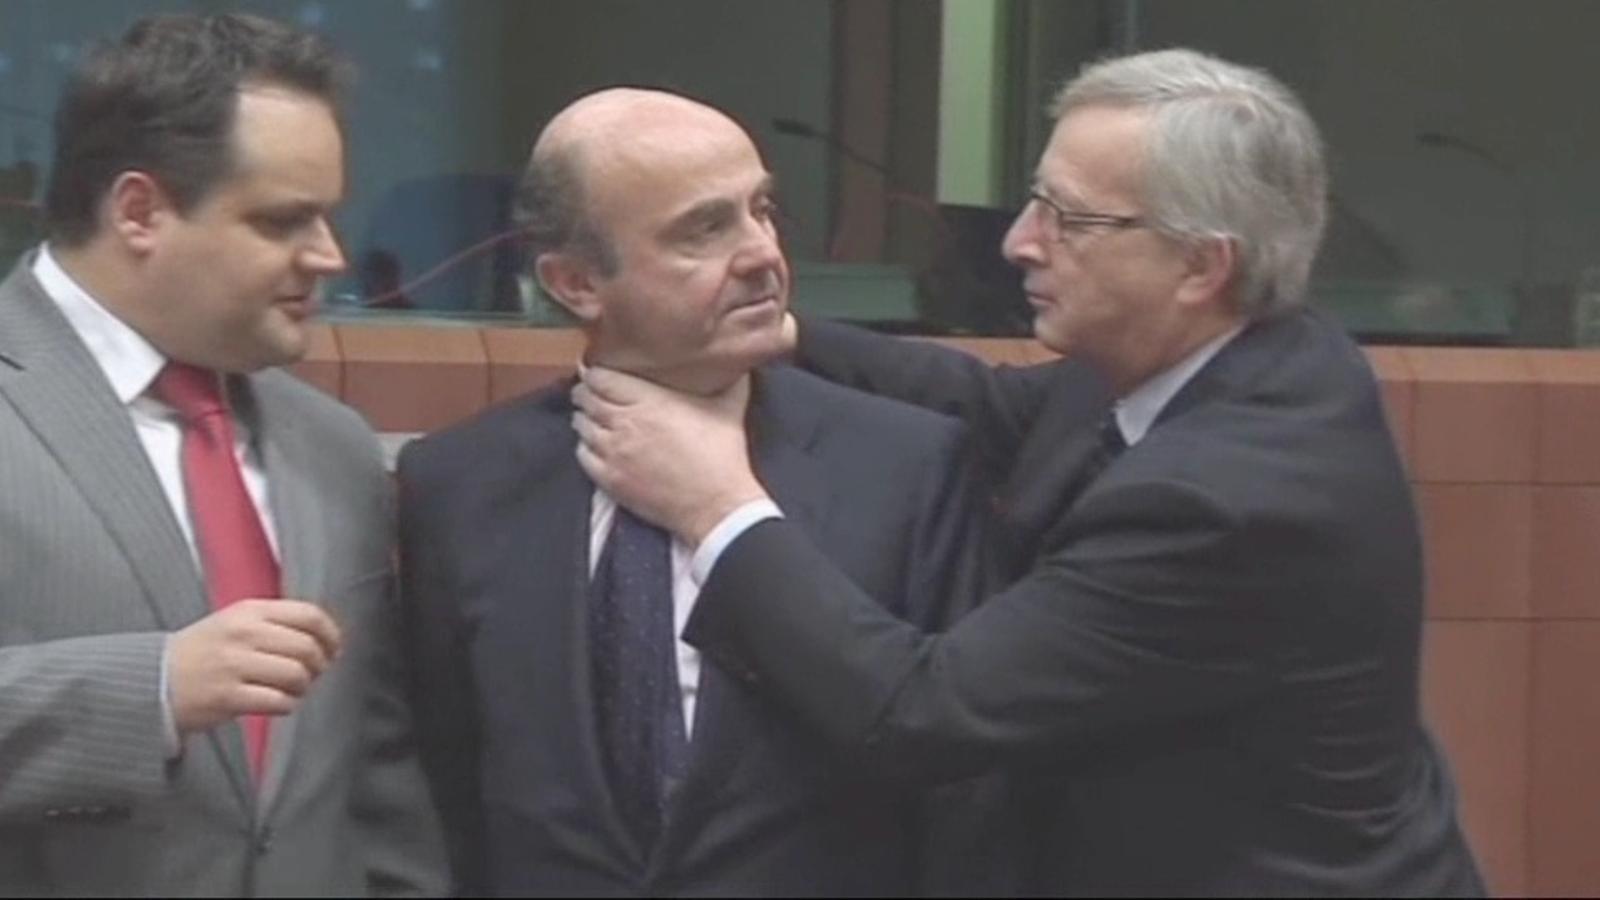 Juncker escanya però no ofega De Guindos